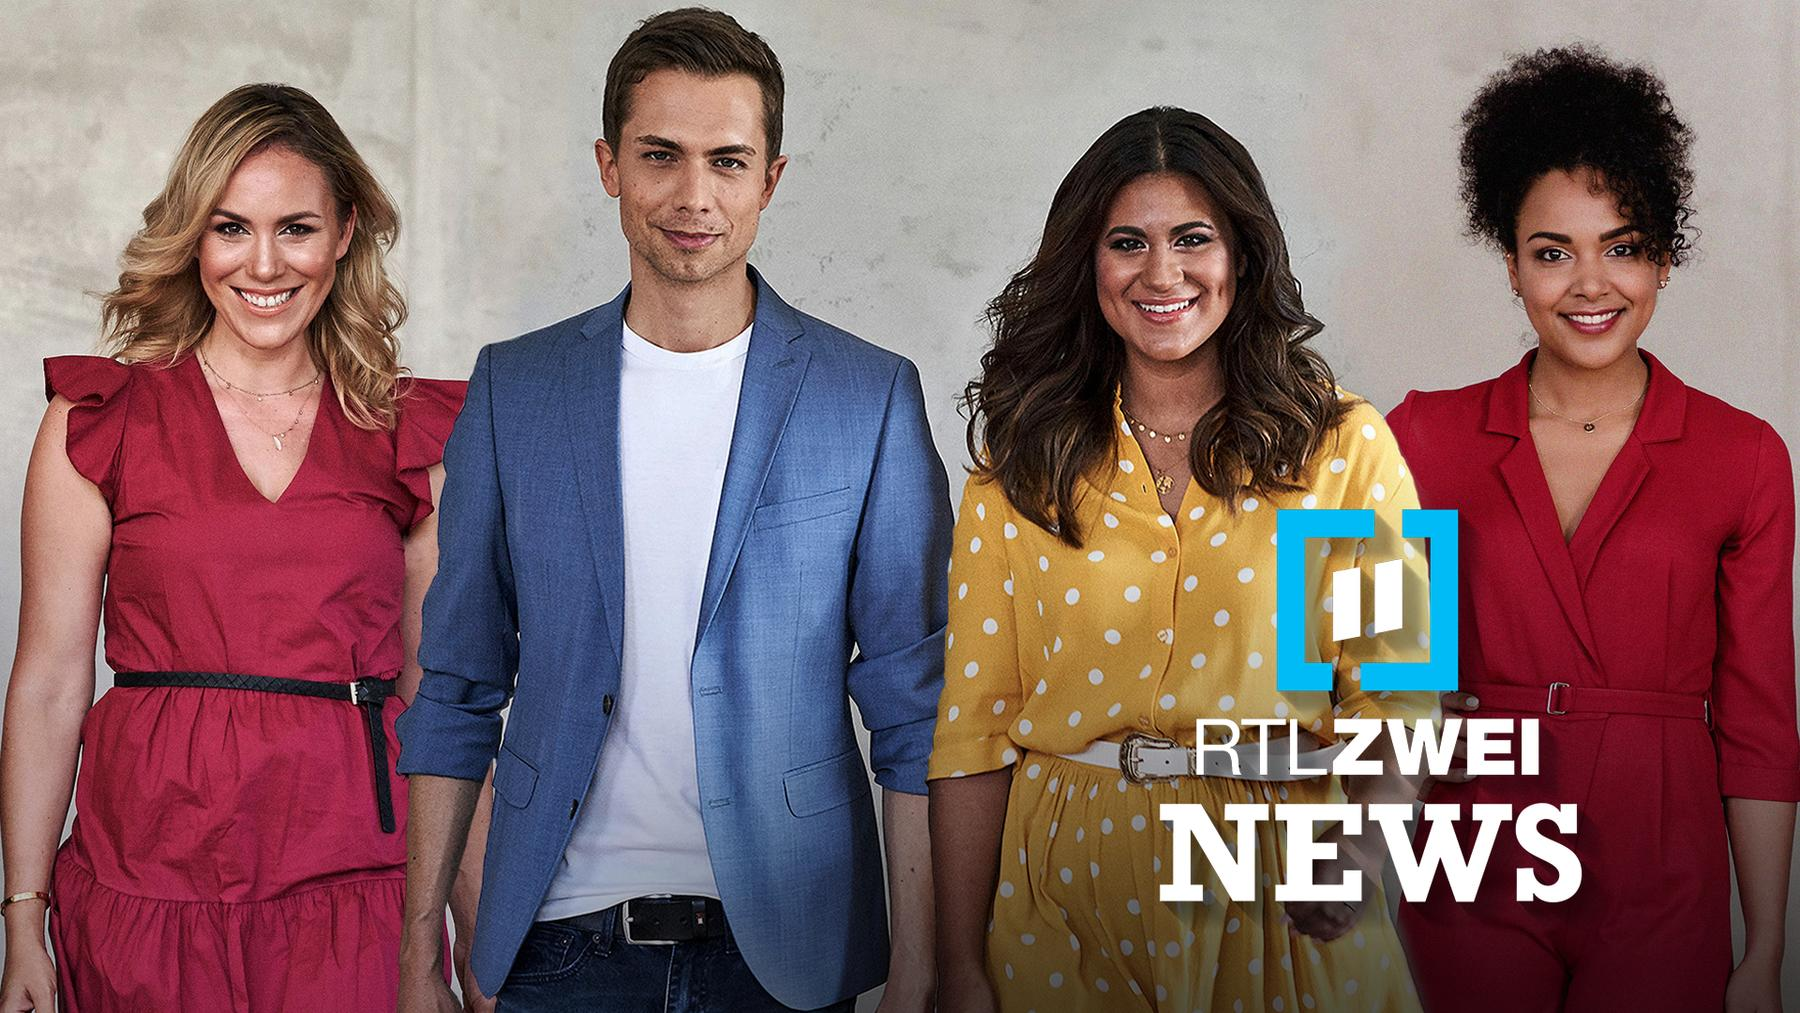 RTLZWEI News